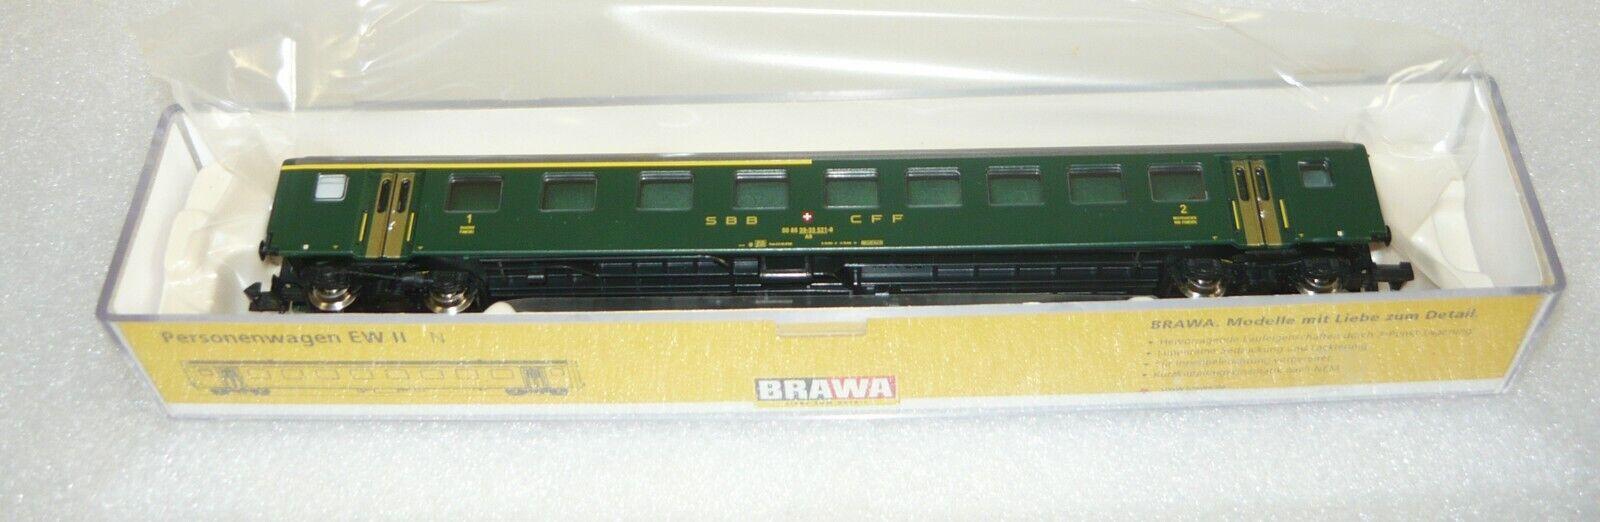 Brawa 65220, Personenwagen AB EW EW EW II der SBB, Ep. IV, N, NEU&OVP  | Ausgezeichnetes Handwerk  979916